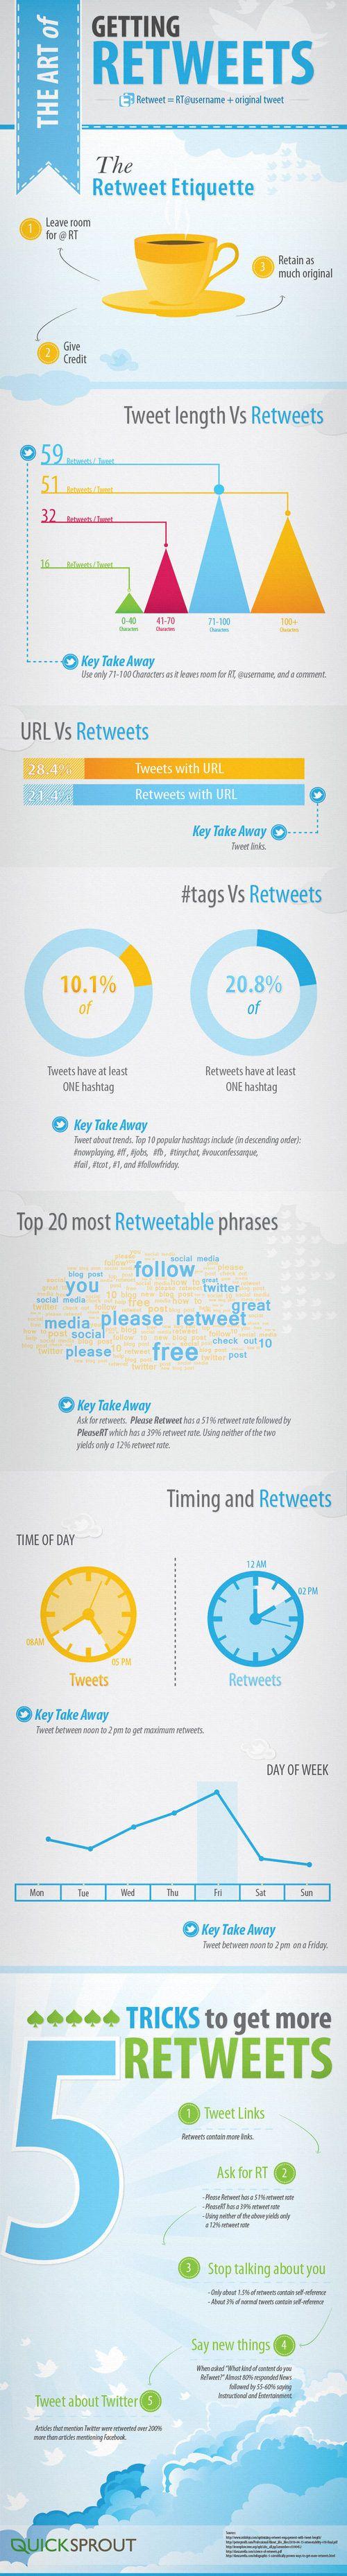 Trucs per aconseguir més interaccions a twitter (by @Manuel Schneider Moreno) #SocialMedia